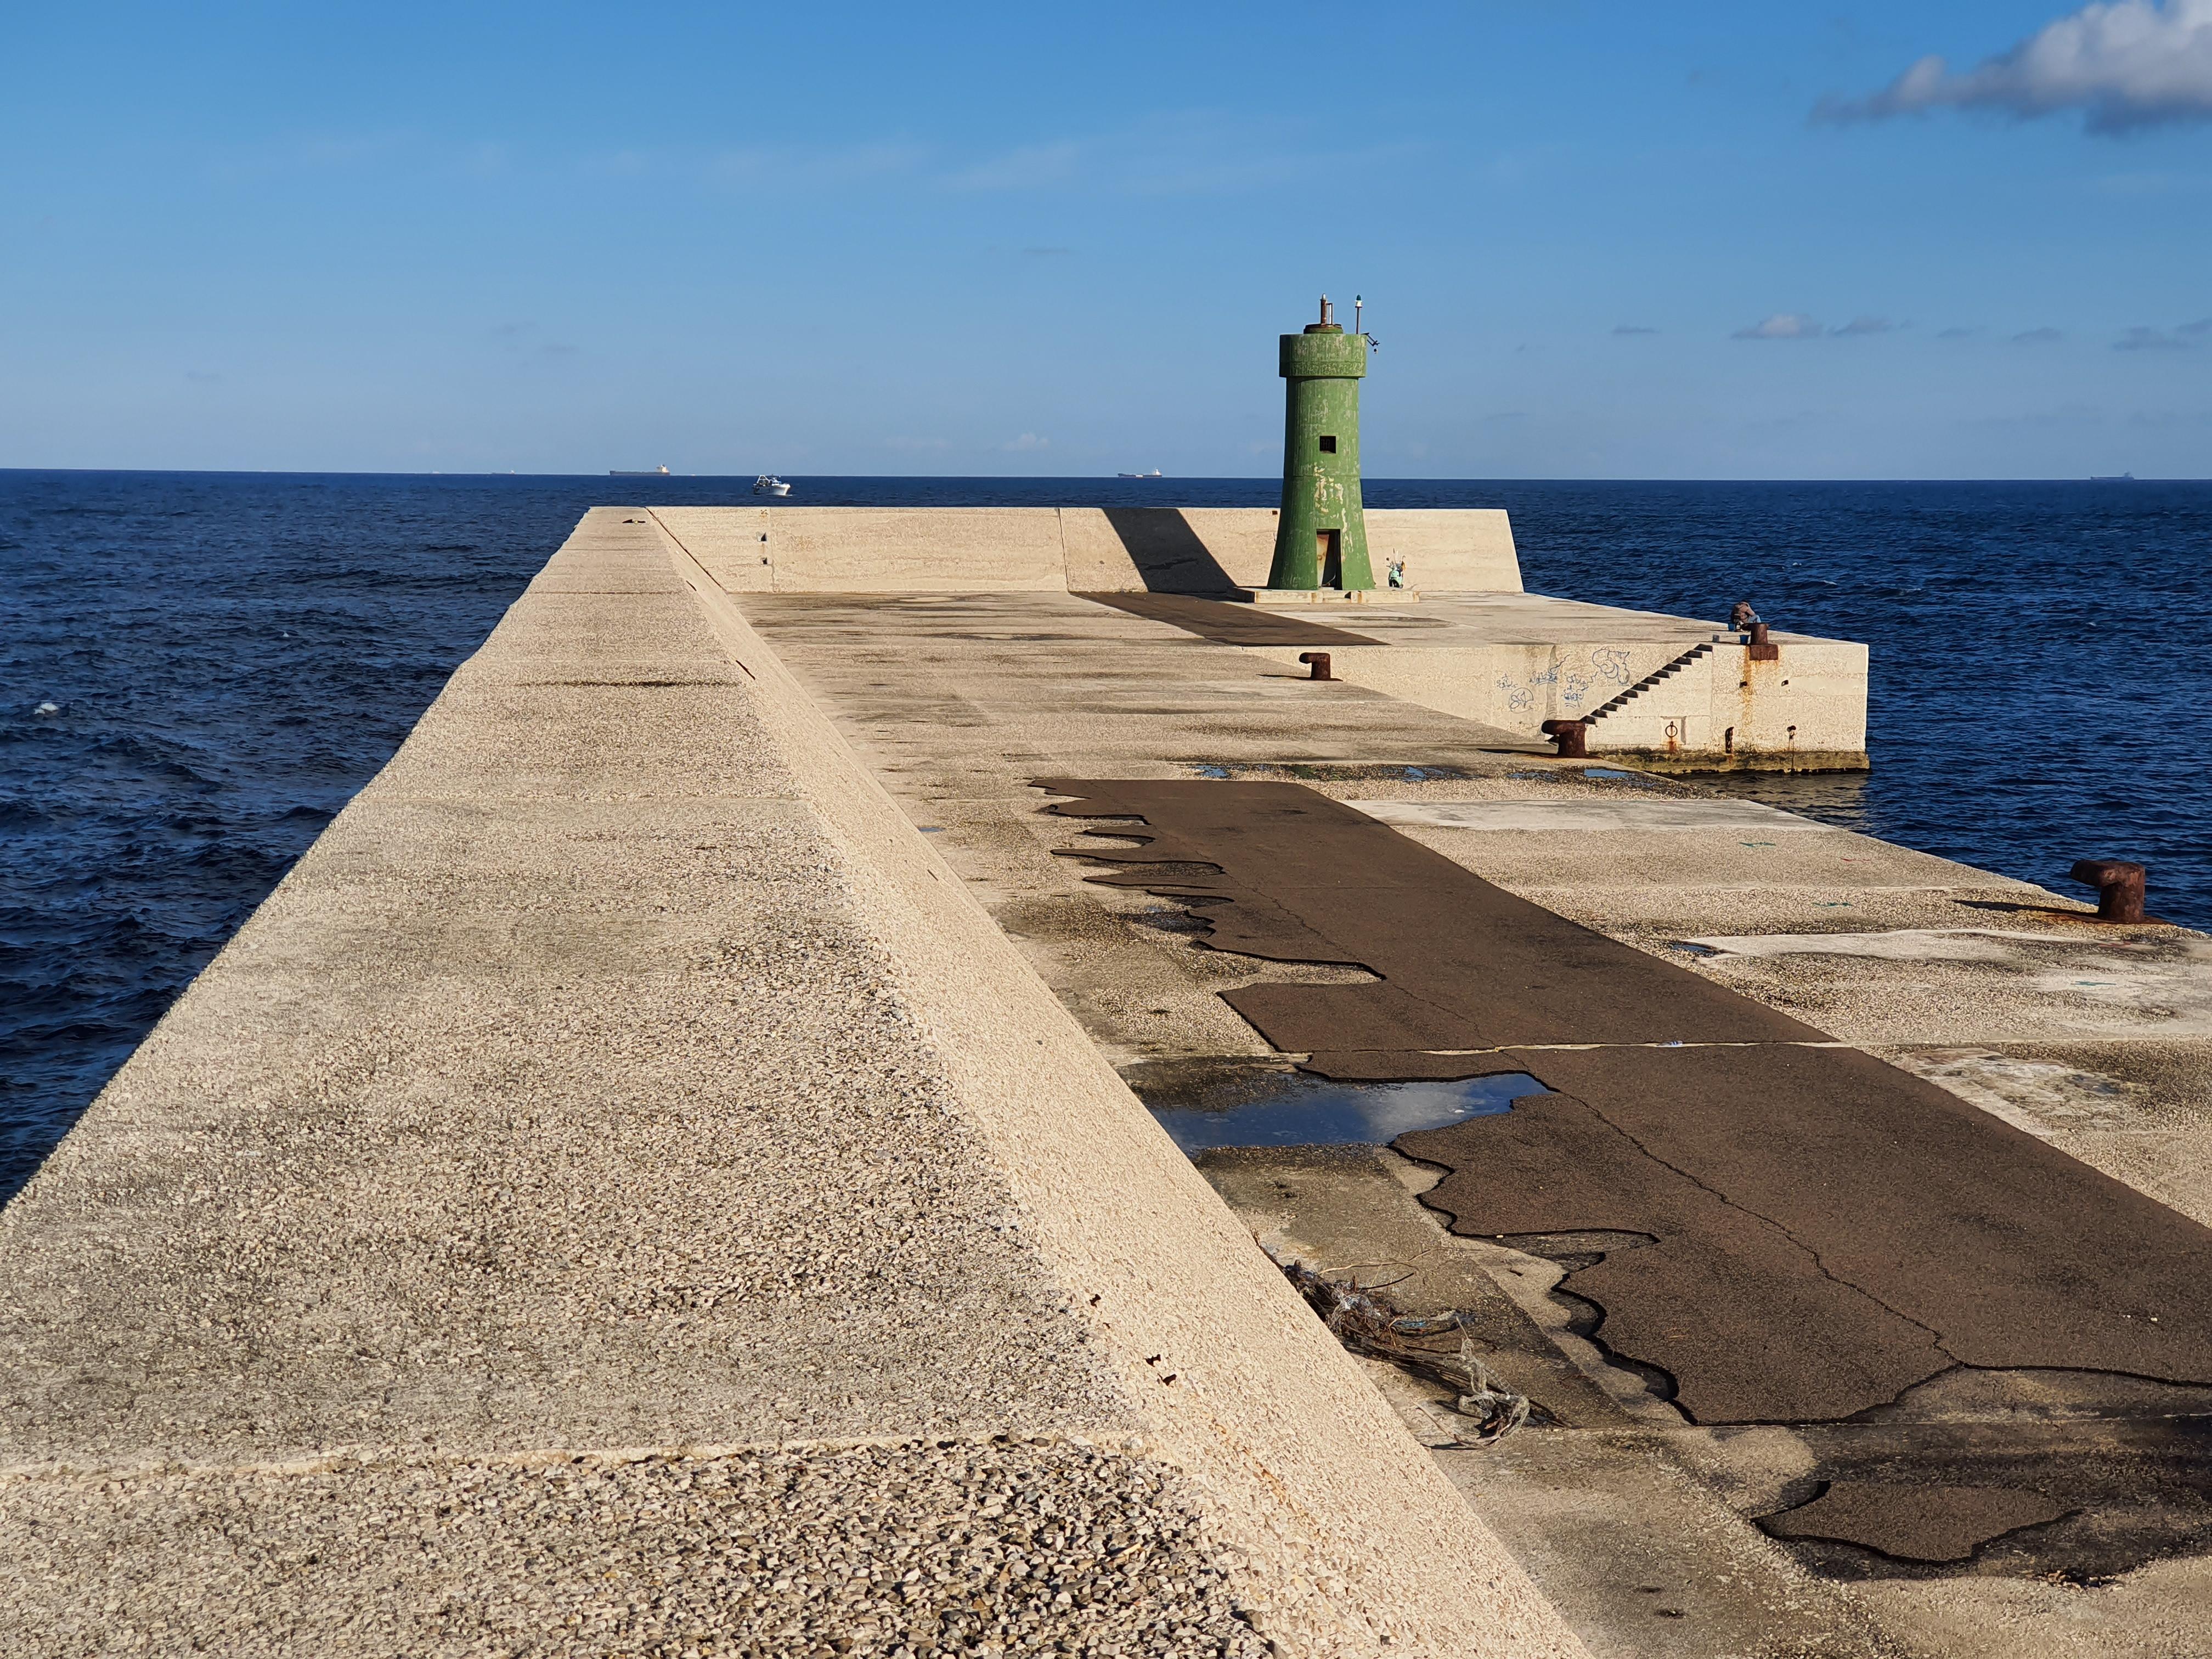 Energia elettrica proveniente dal moto ondoso: protocollo d'intesa per avviare progetto pilota presso la diga di Punta Riso